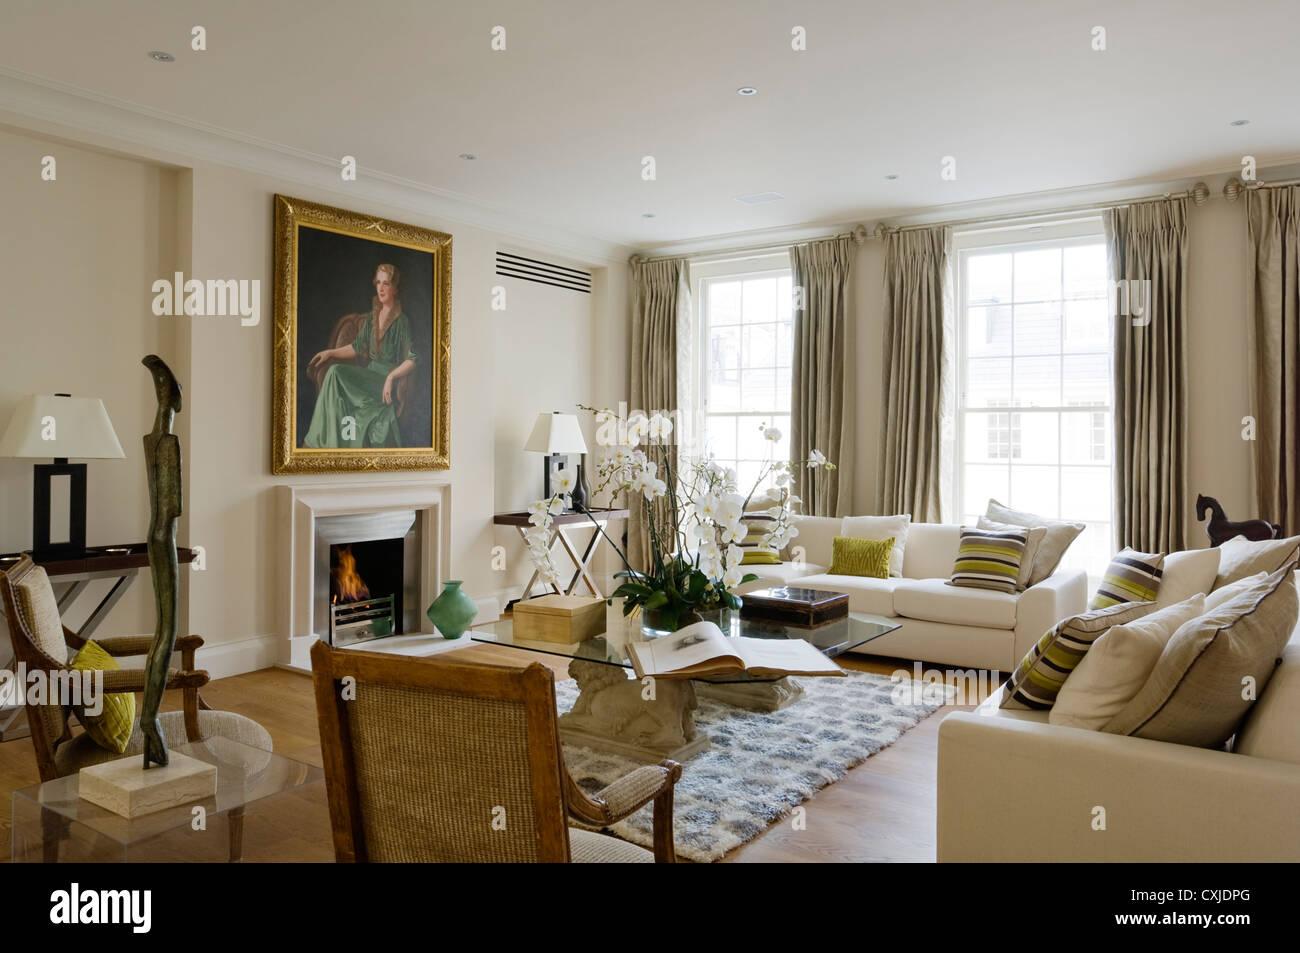 Farbe Tag Innenraum Wohnzimmer Sitzecke Kamin Möbel Fenster Kunstwerk  Fenster Sofa Neutral Weiße Vorhänge Schiebefenster